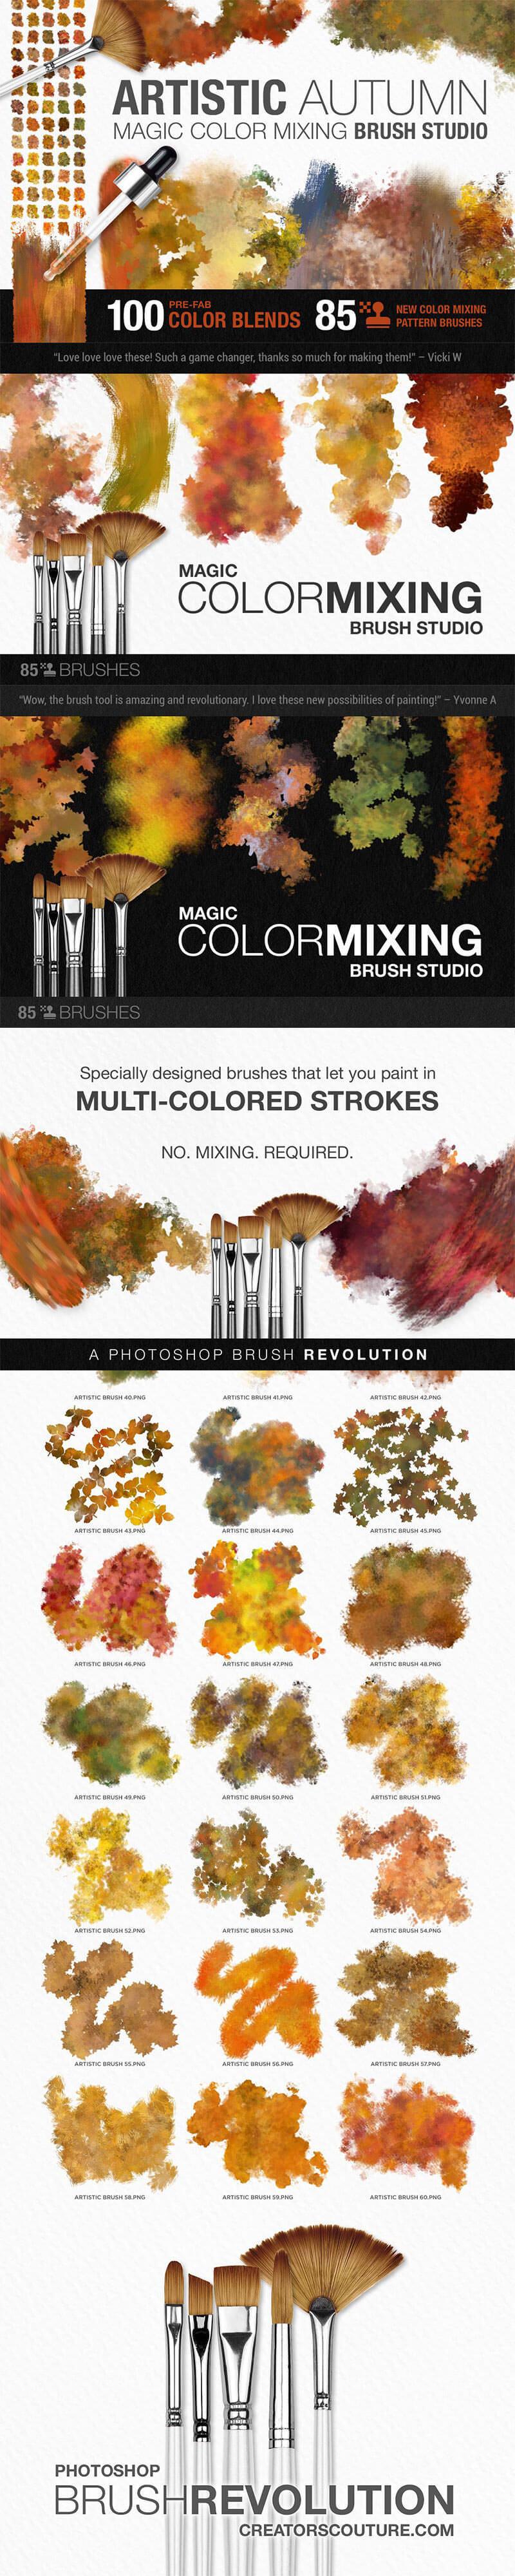 Artistic-Autumn-Paint-Brush-Studio-1